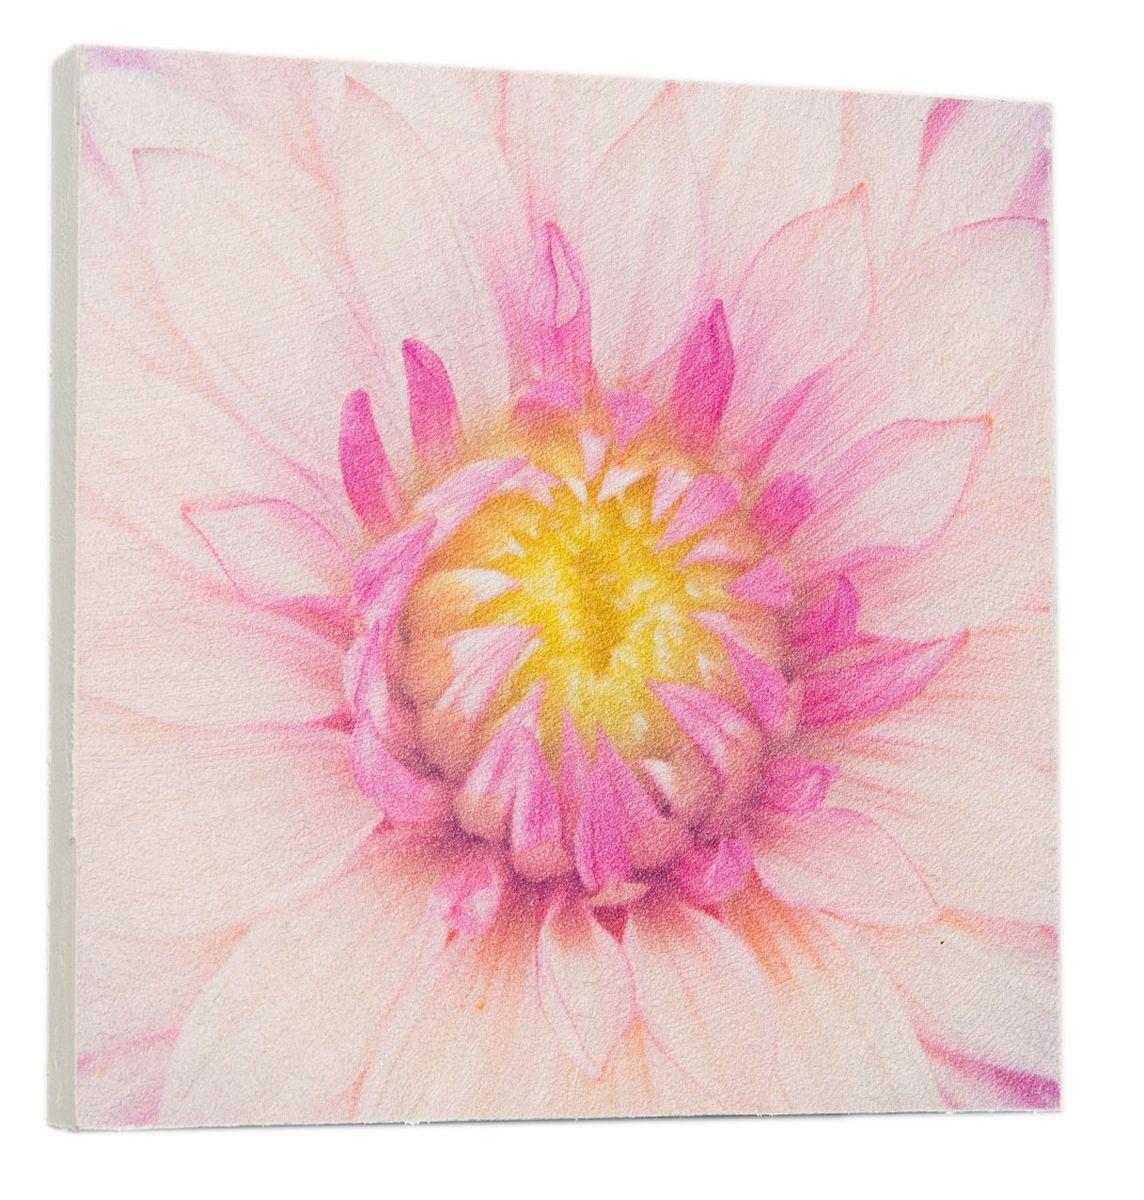 Картина Розовый лотос, 22 х 22 см0538-22-22